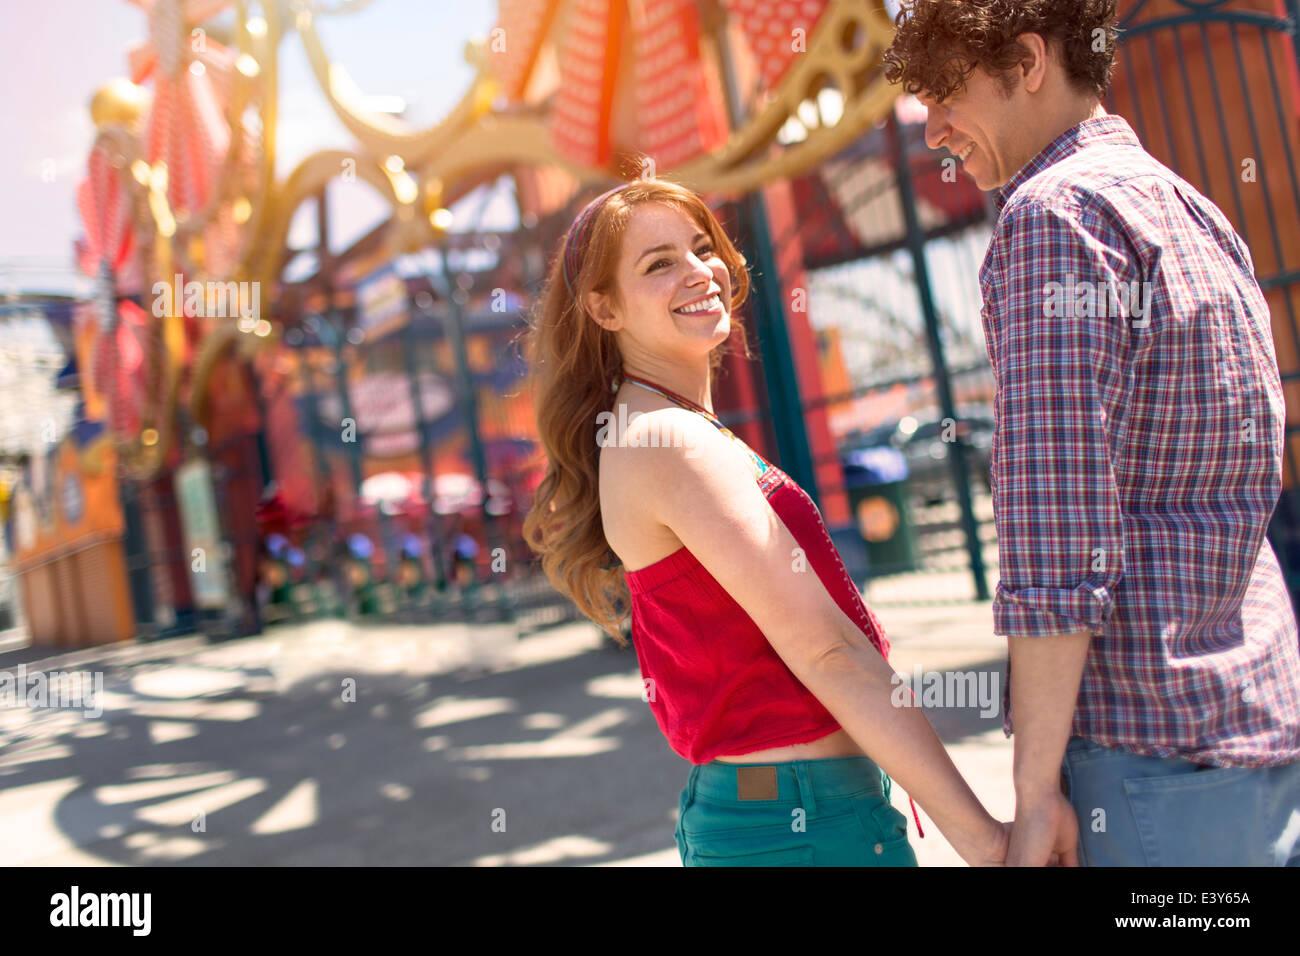 Pareja romántica cogidos de la mano en el parque de diversiones Imagen De Stock